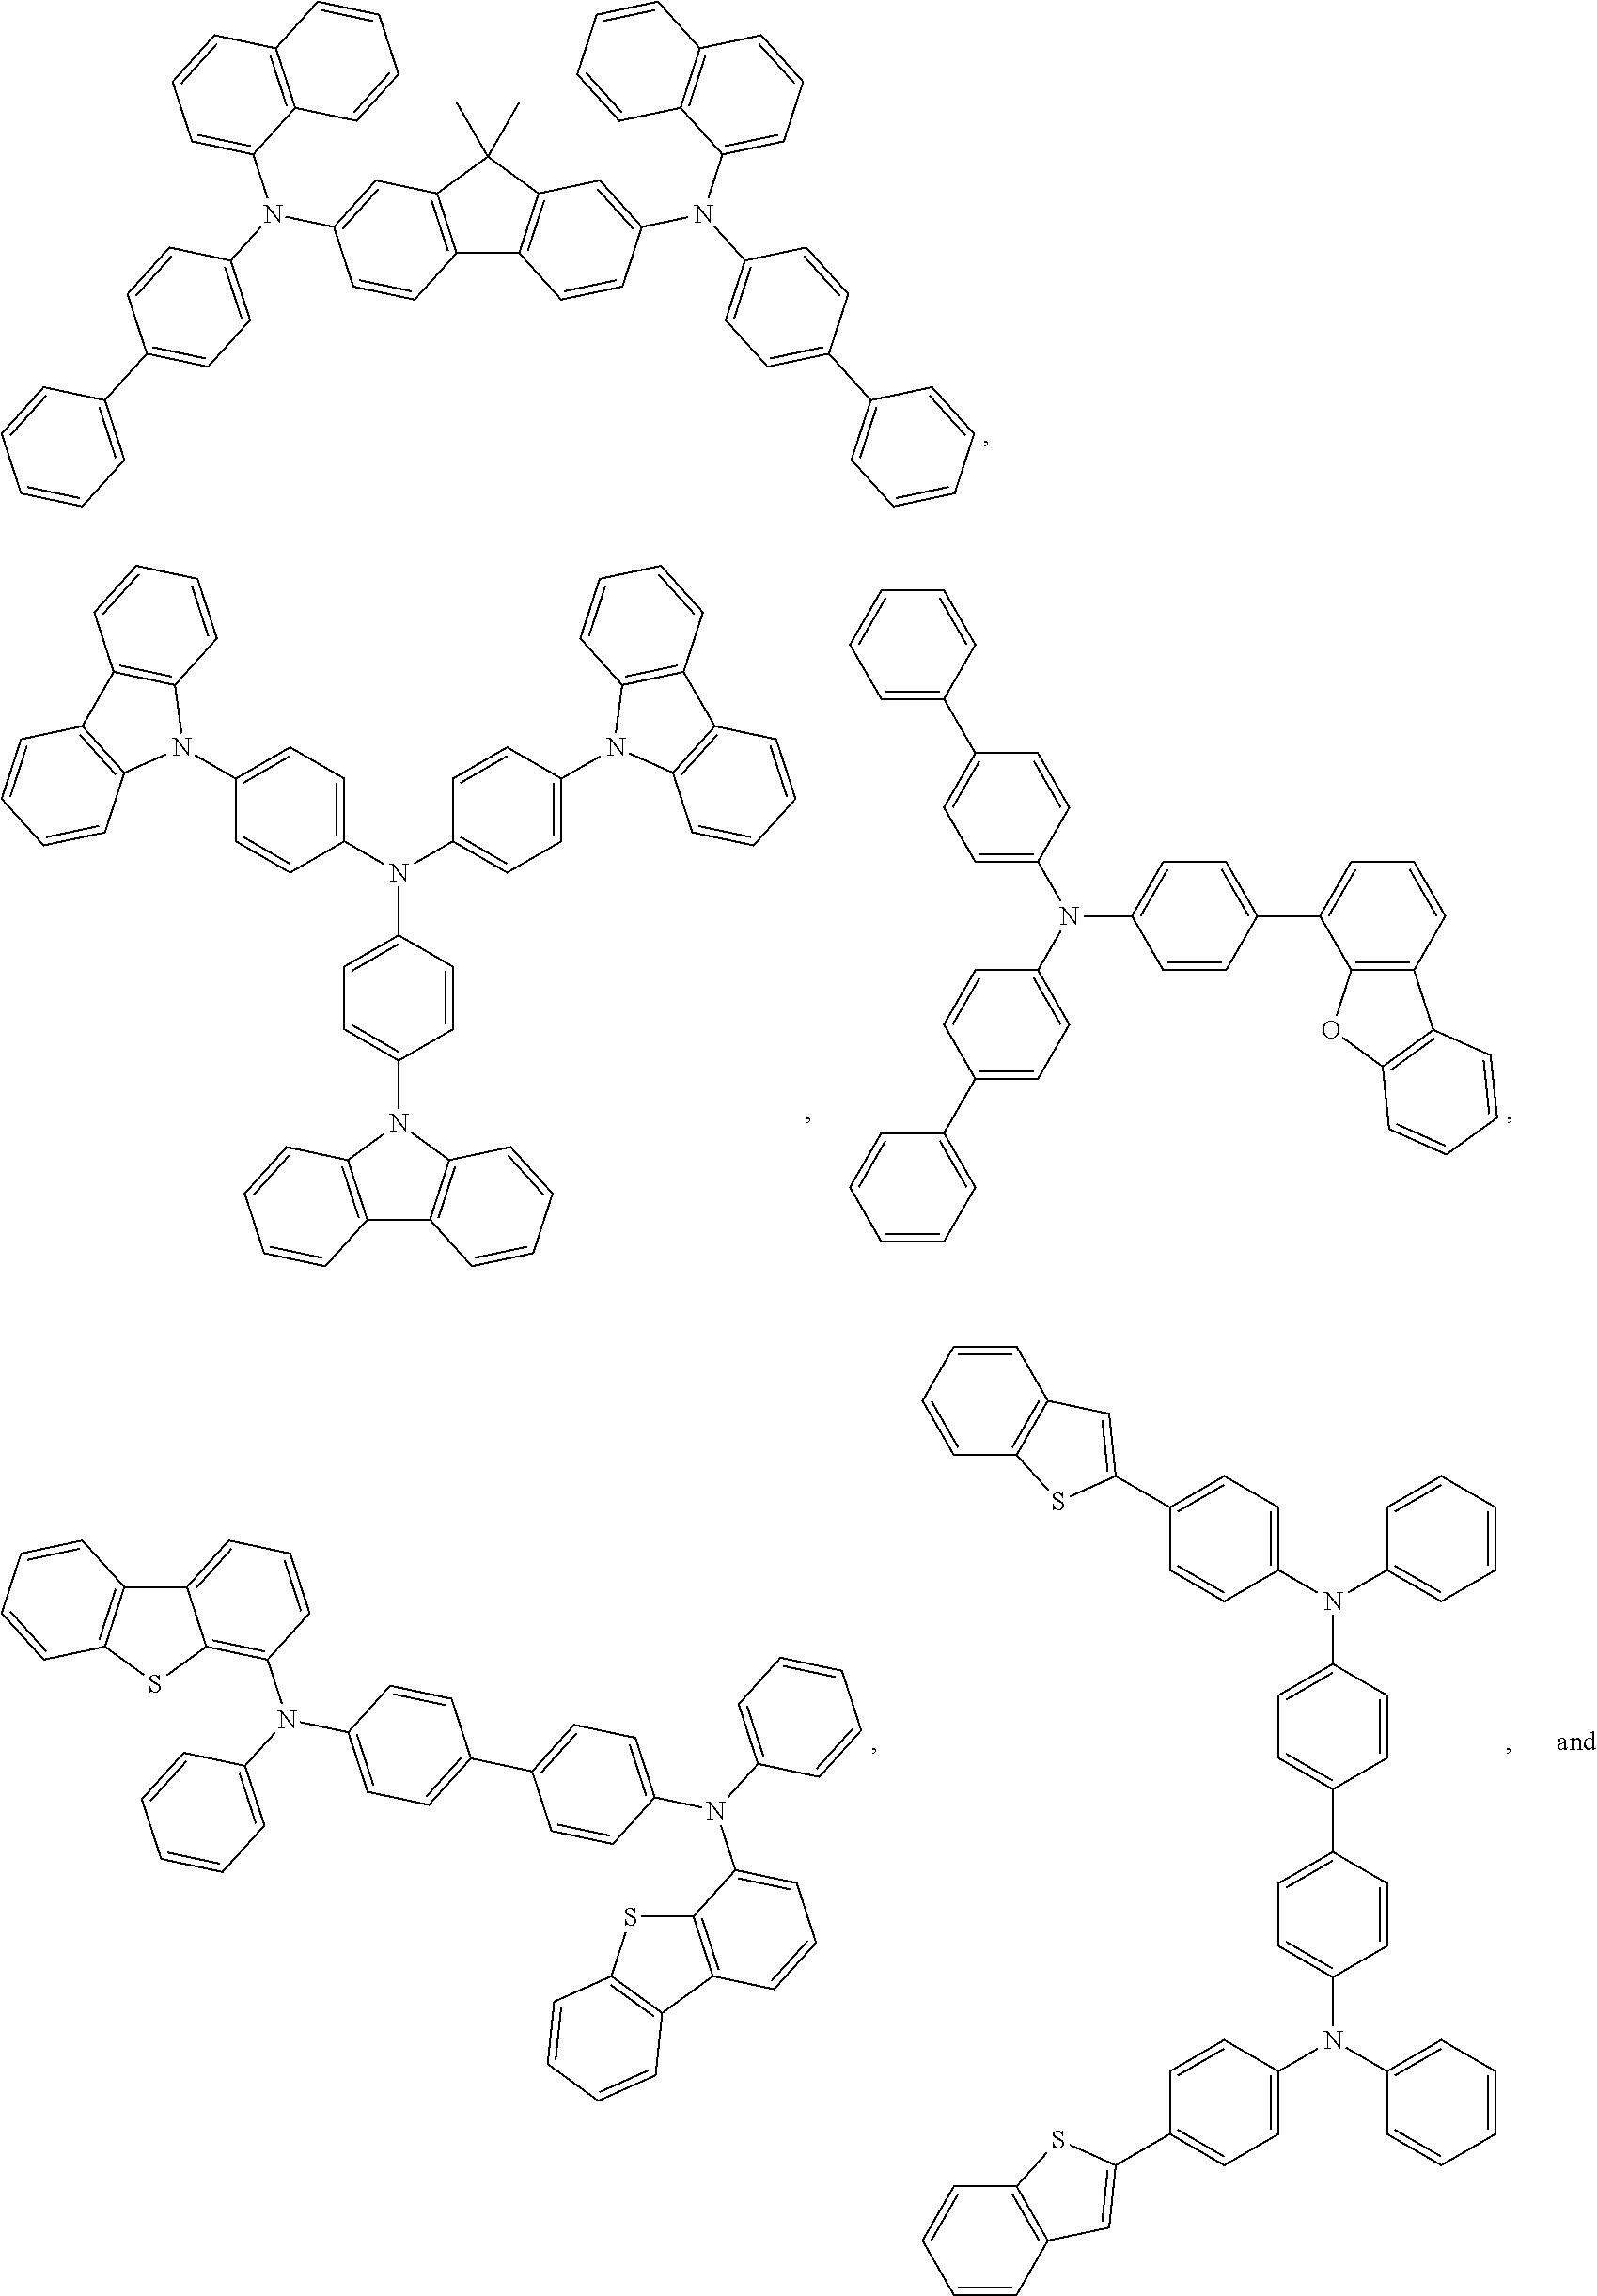 Figure US20190161504A1-20190530-C00038